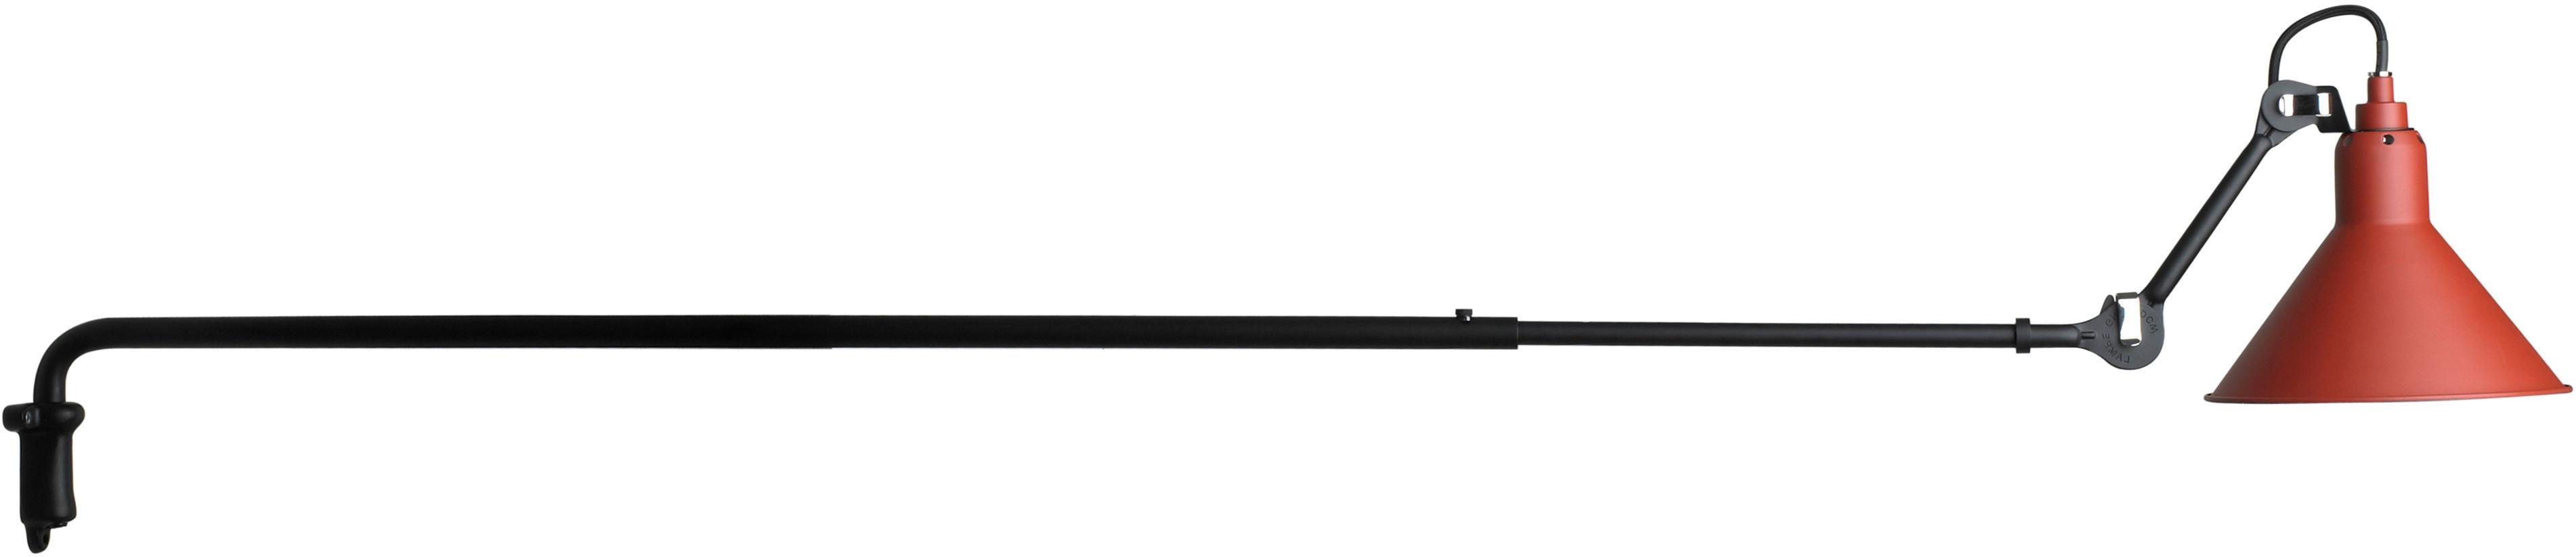 Leuchten - Wandleuchten - N°213 Wandleuchte / mit Teleskoparm - DCW éditions - Rot satiniert (matt) / schwarz-matt - Stahl